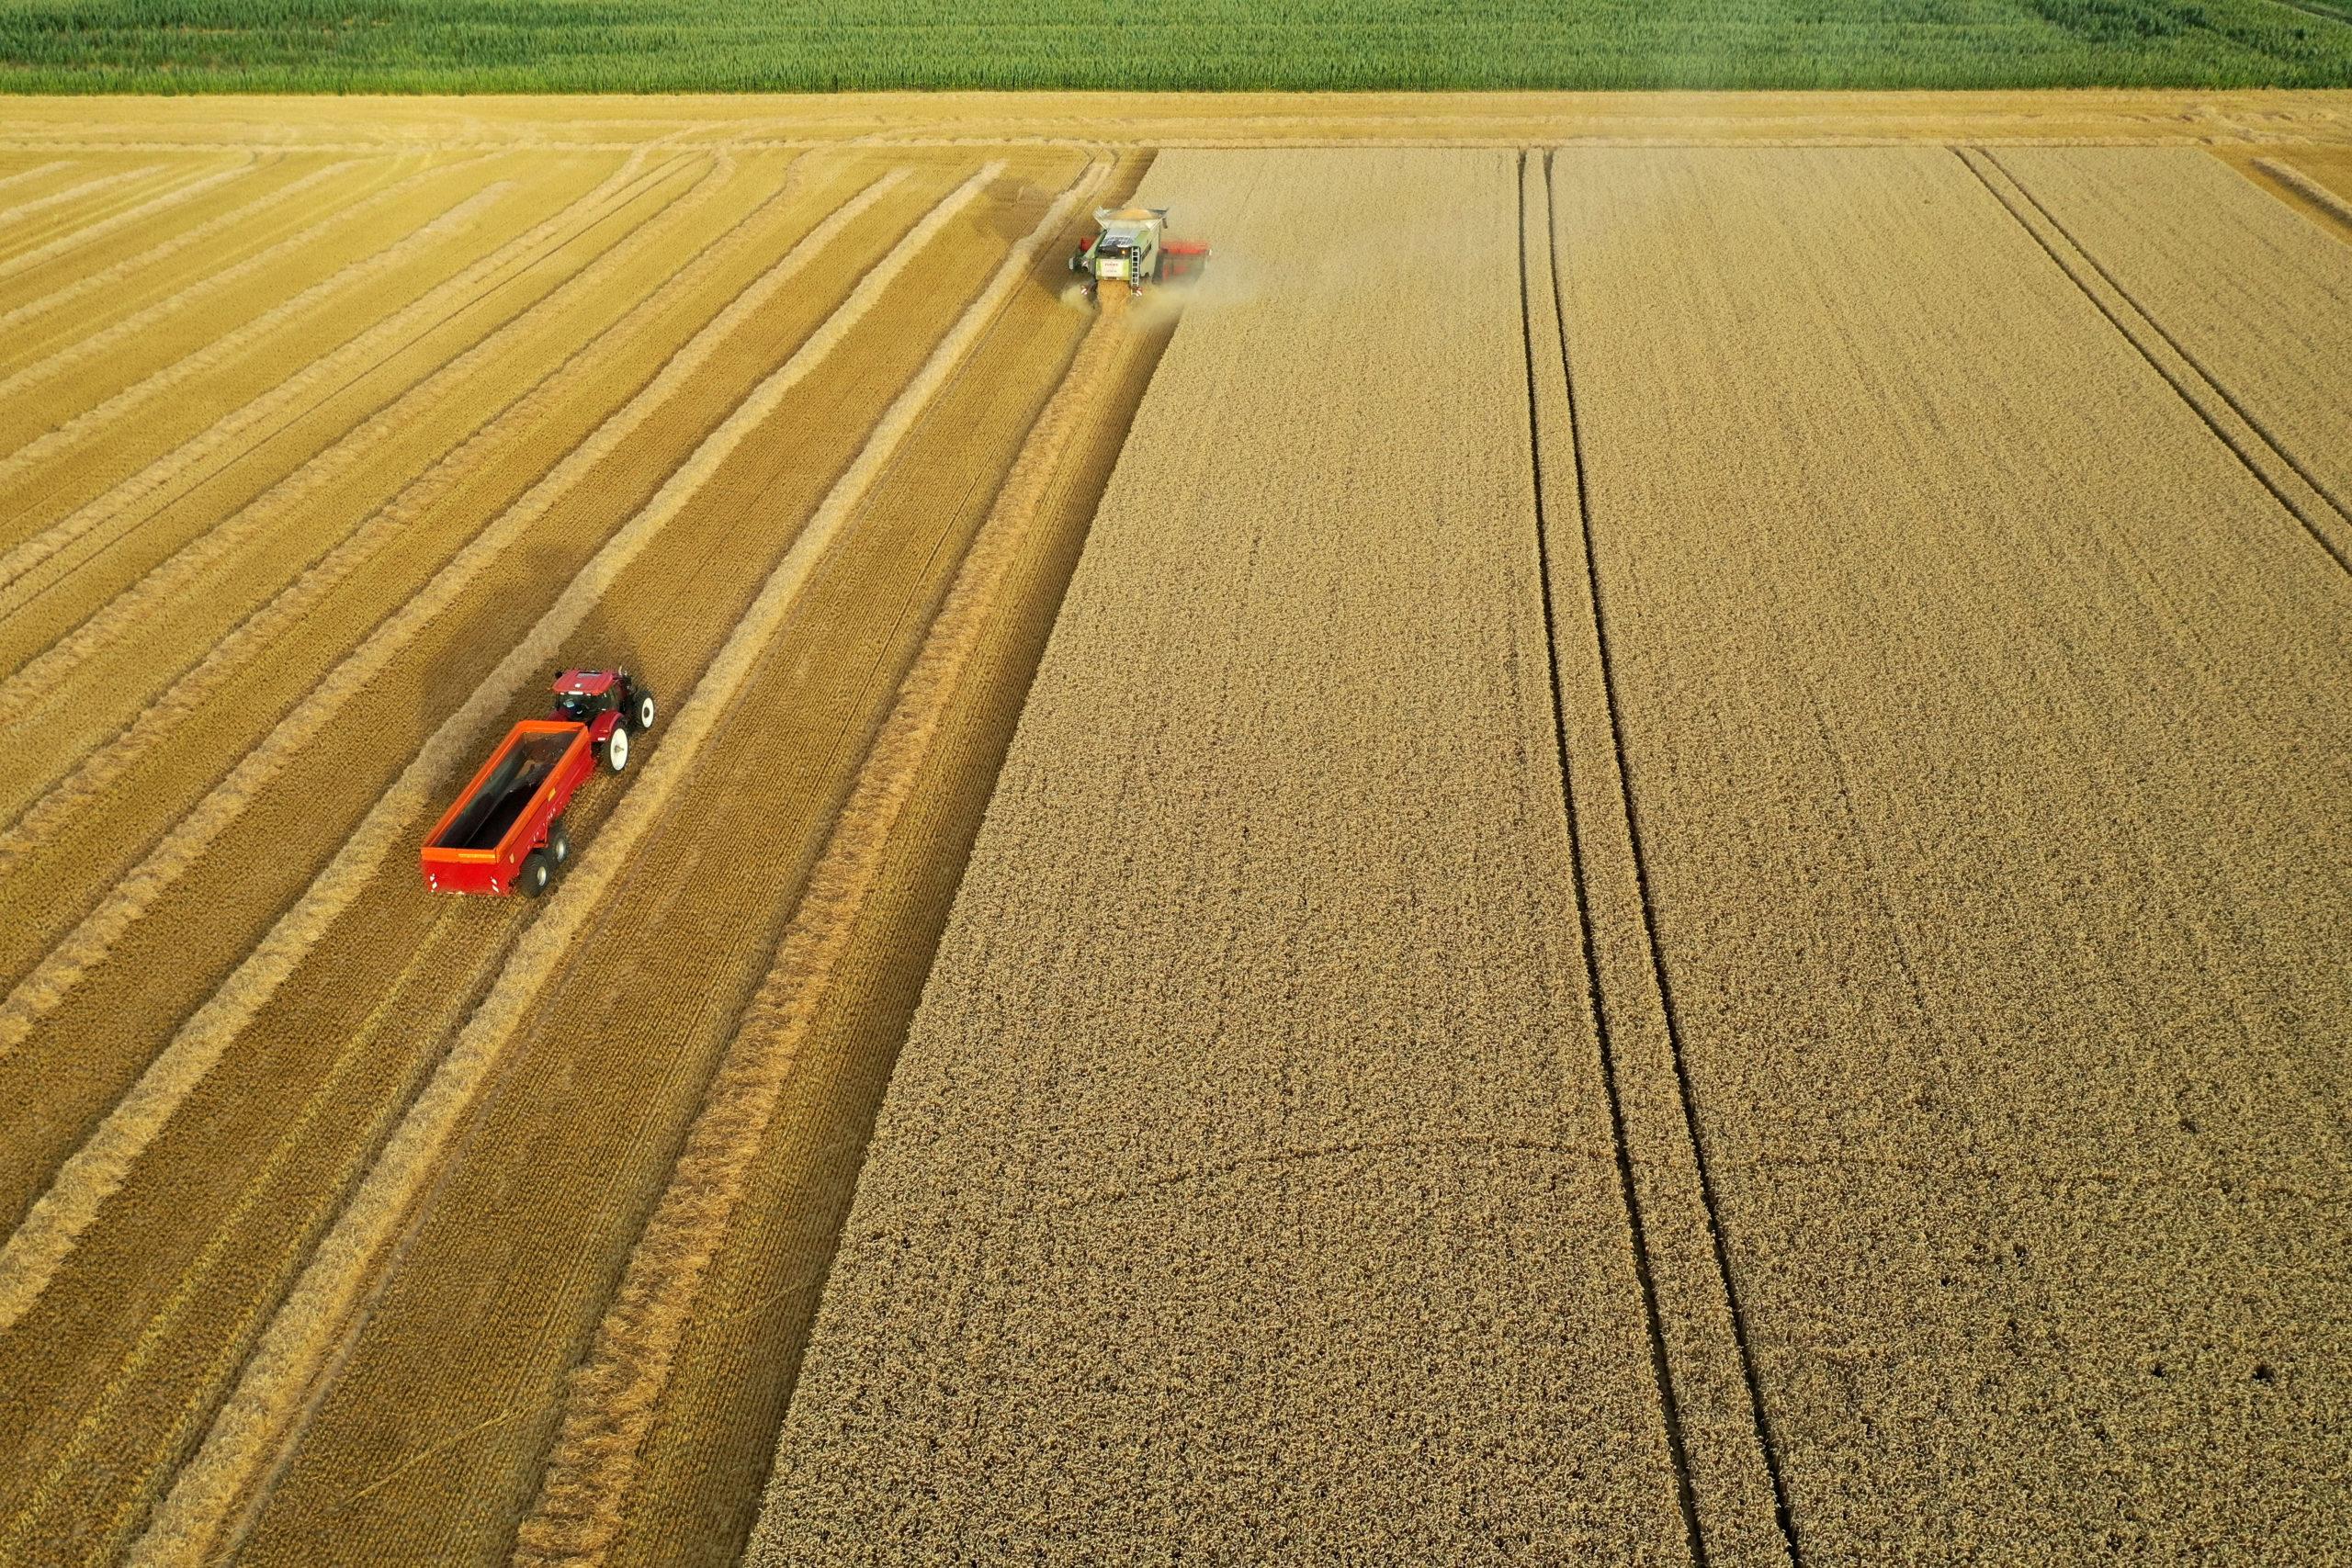 Des milliers d'agriculteurs français gravement menacés par la chute des rendements